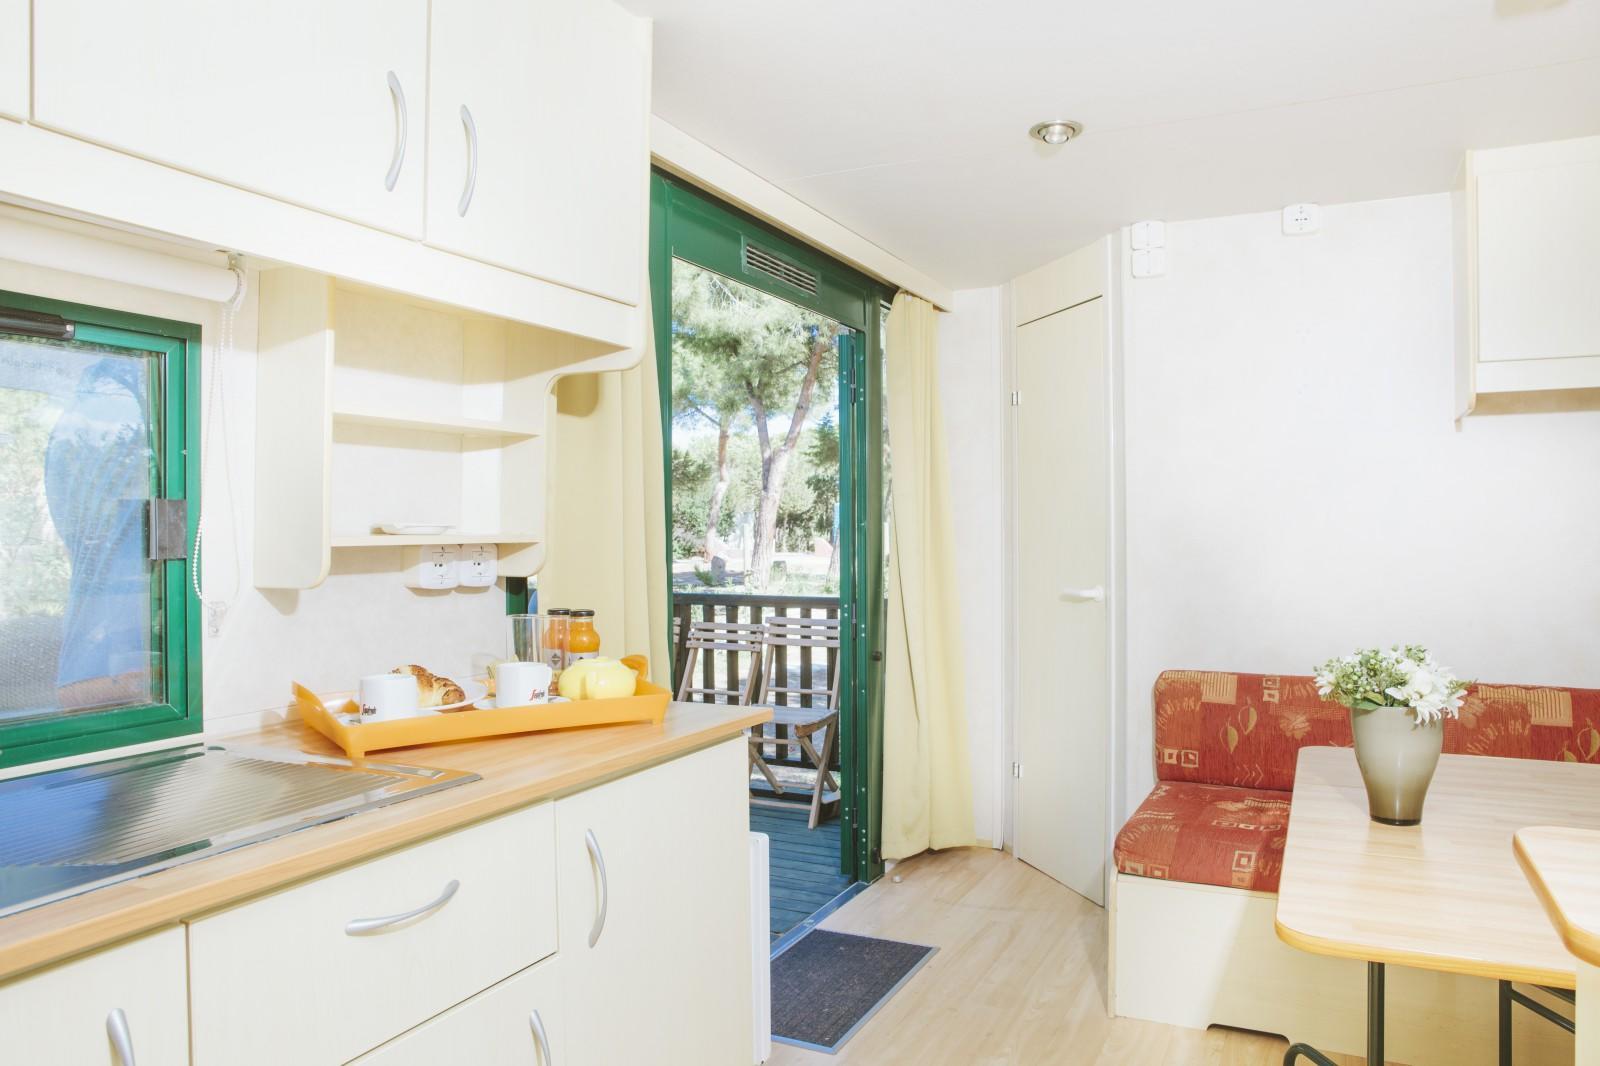 Mobil-Home of luxury Camping village seaside Alghero